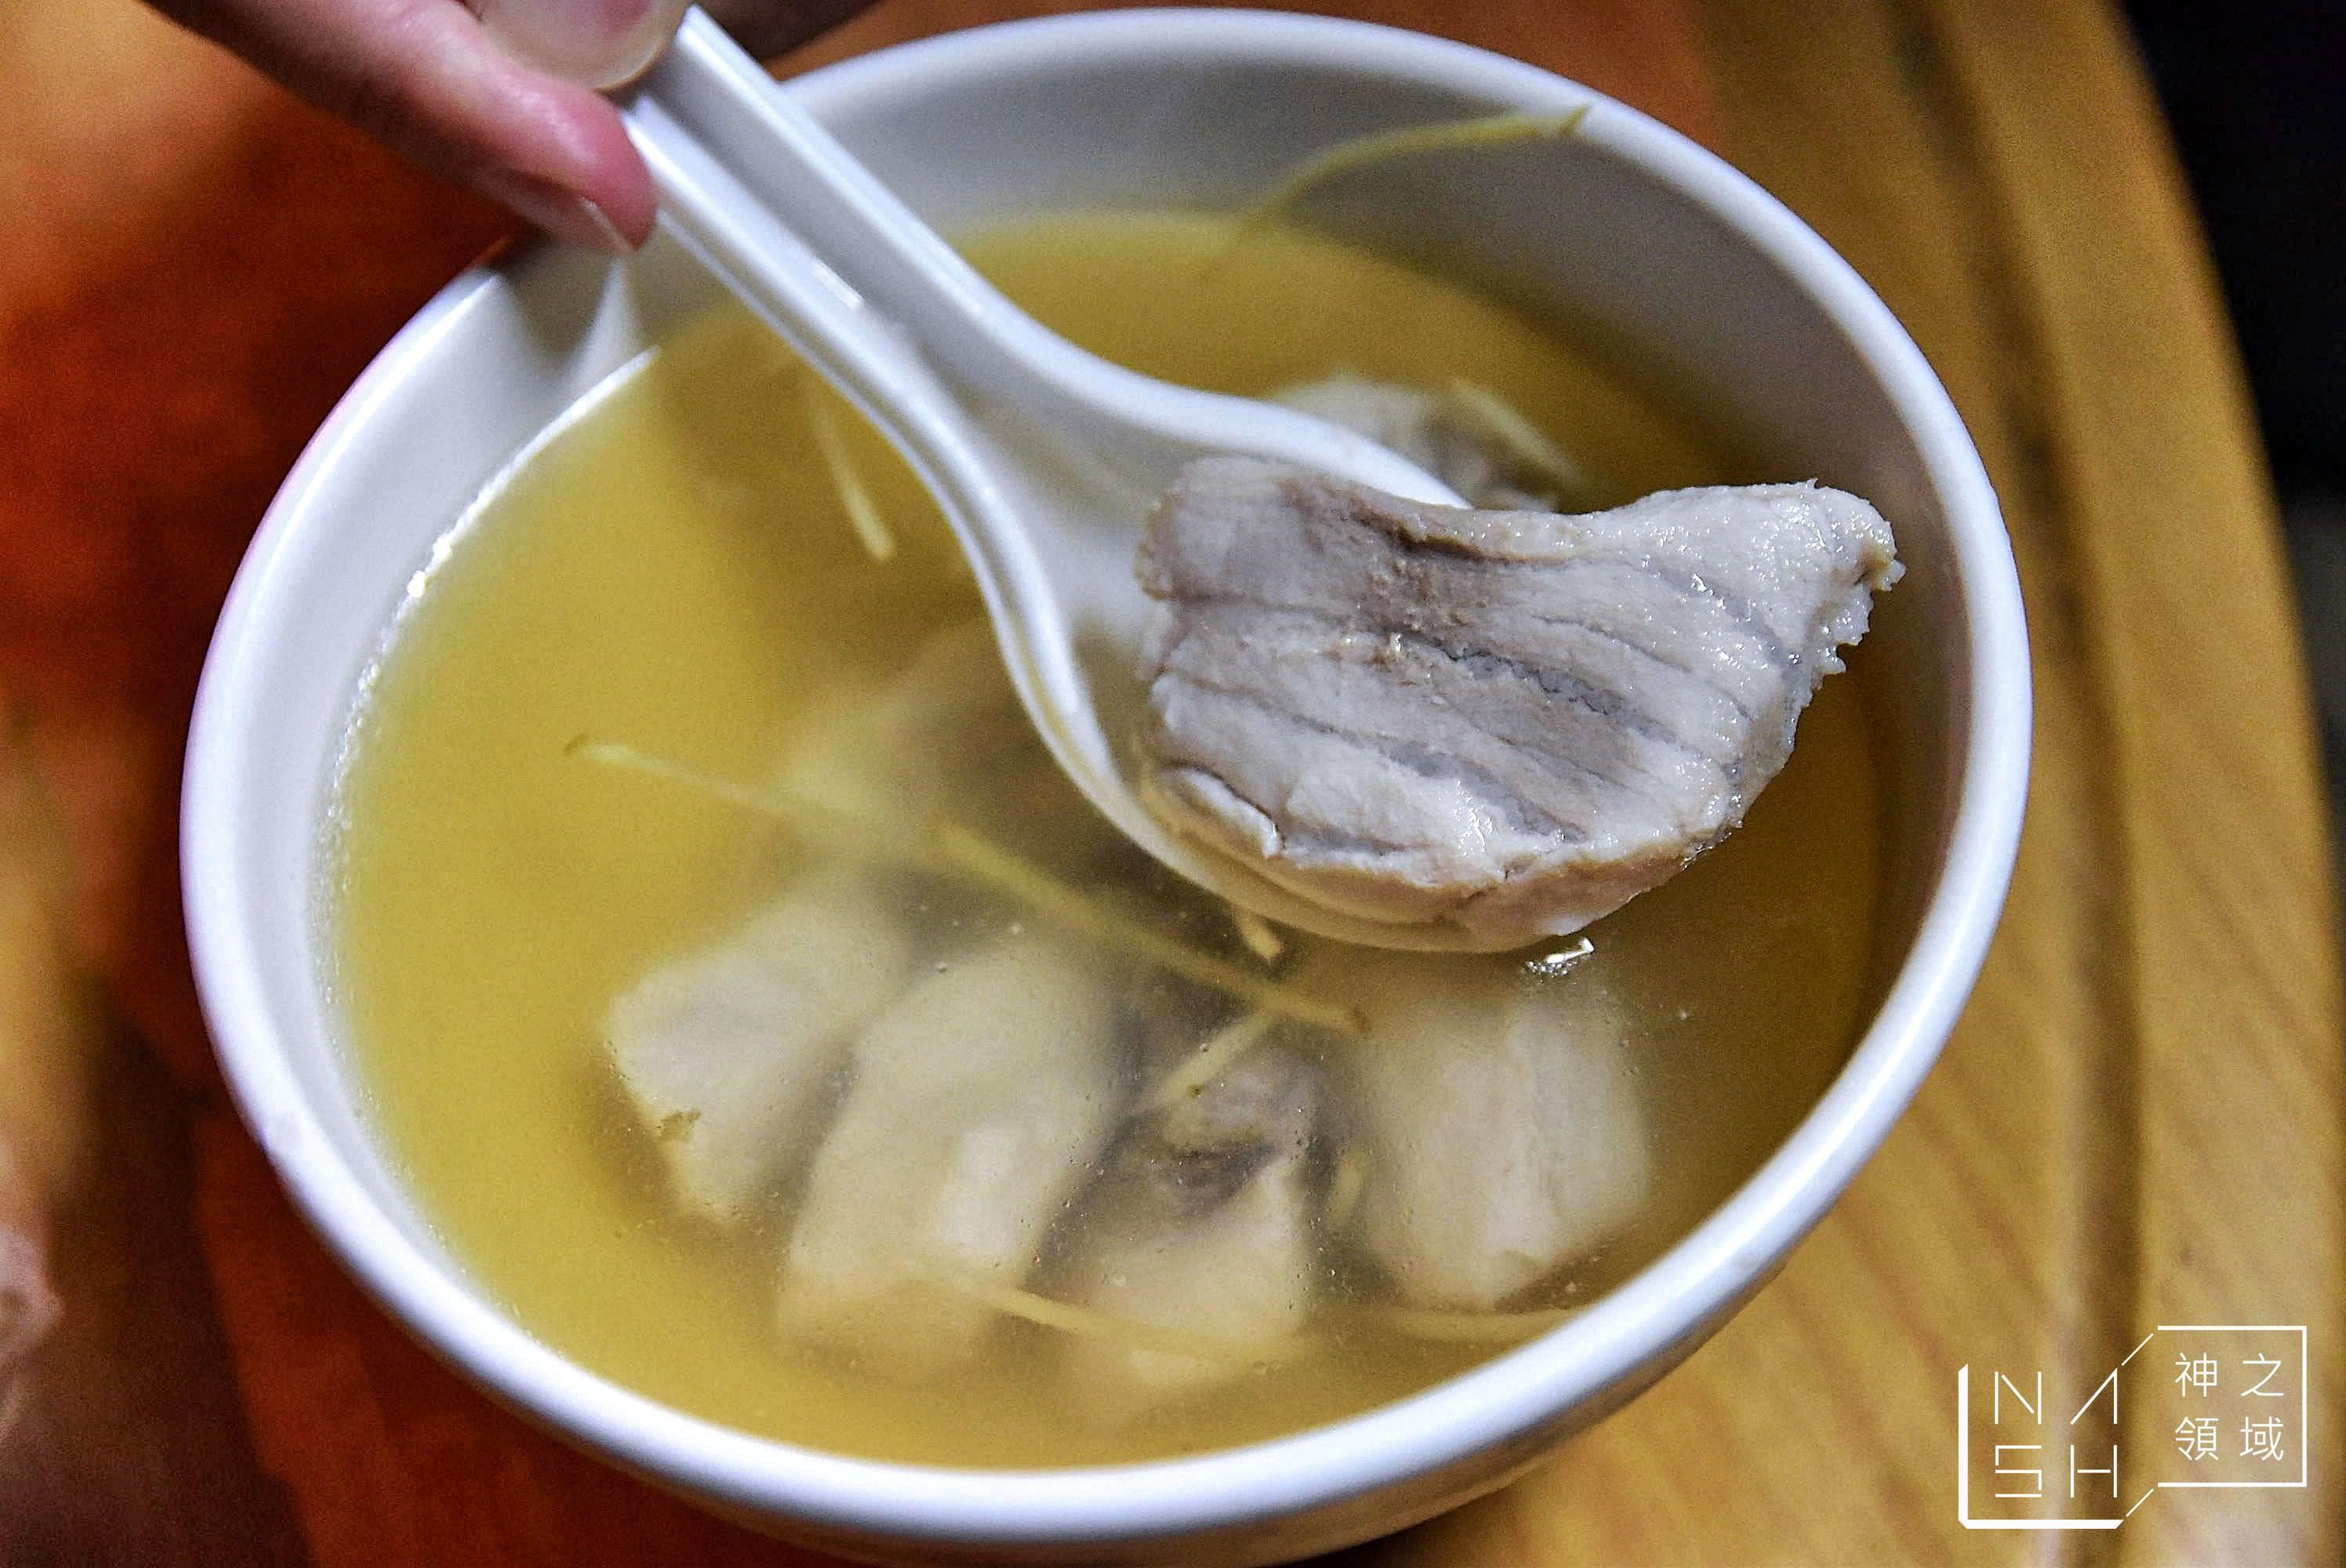 姚家鮮魚湯,創始姚家清魚湯 @Nash,神之領域